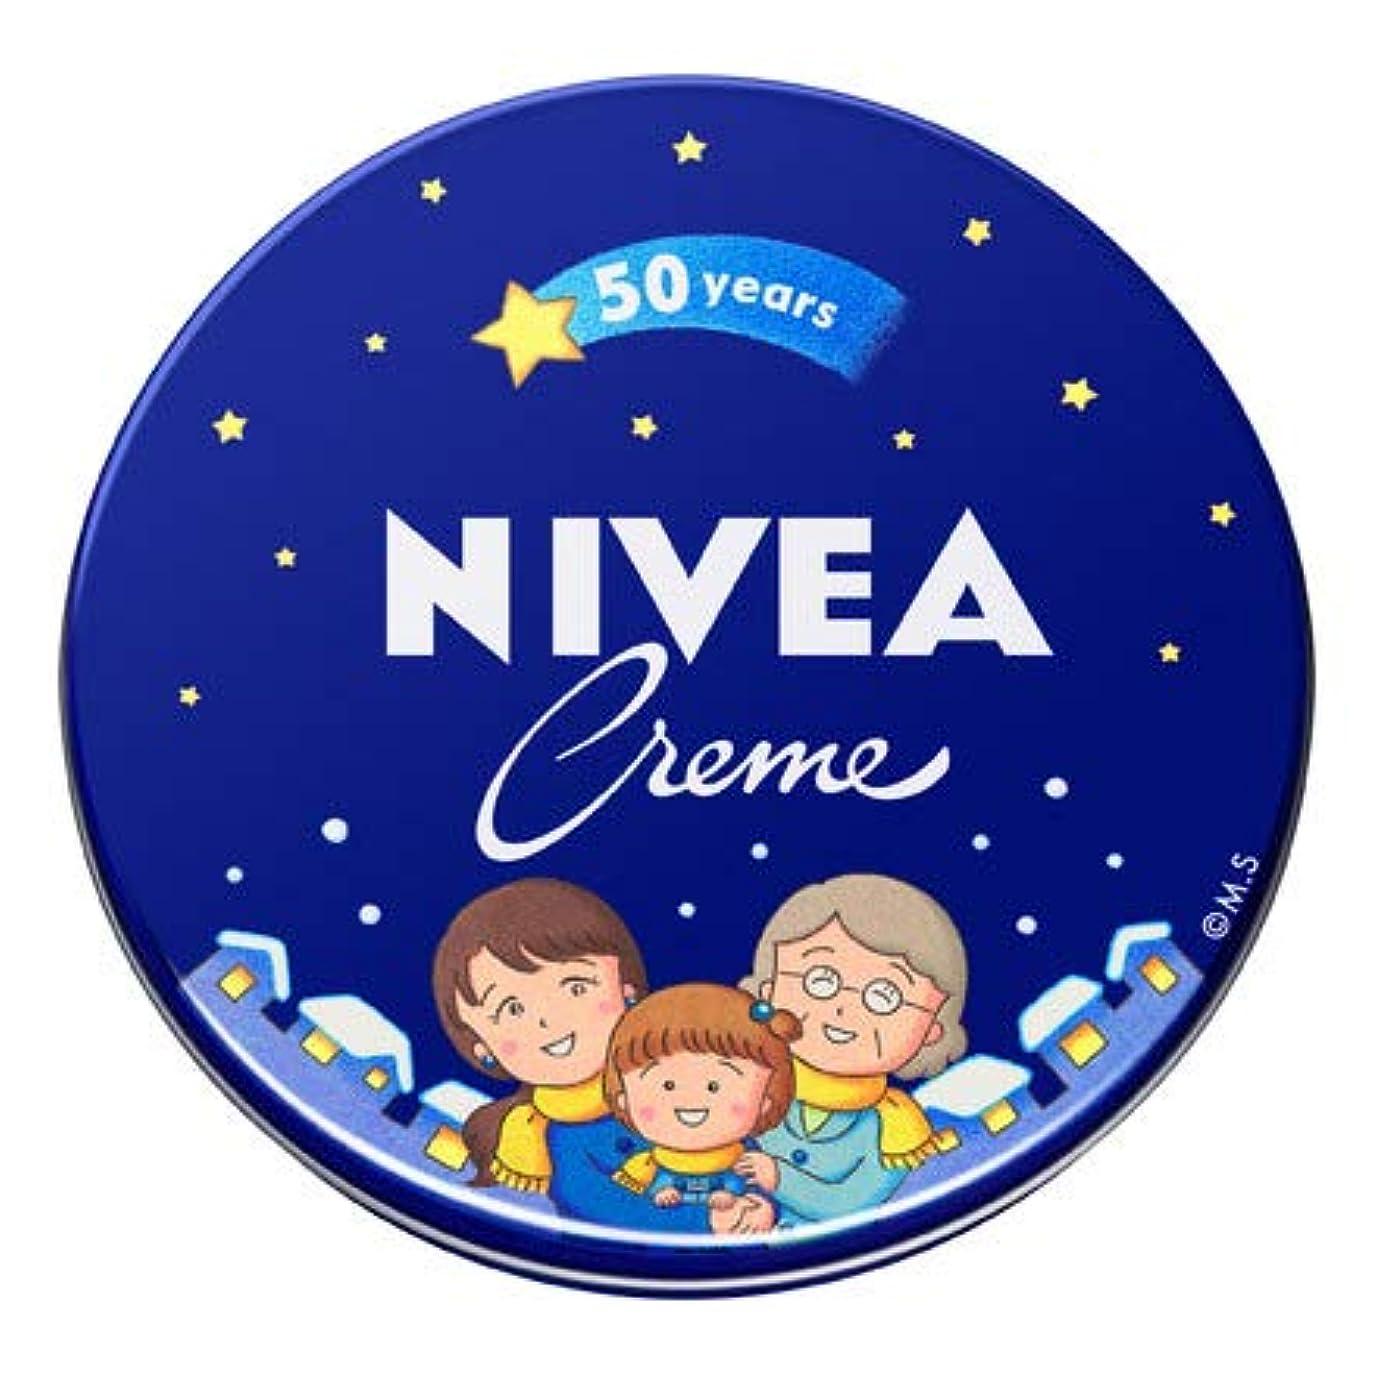 壊滅的なトランペット上院議員NIVEA ニベアクリーム 中缶 56g さくらももこ限定デザイン